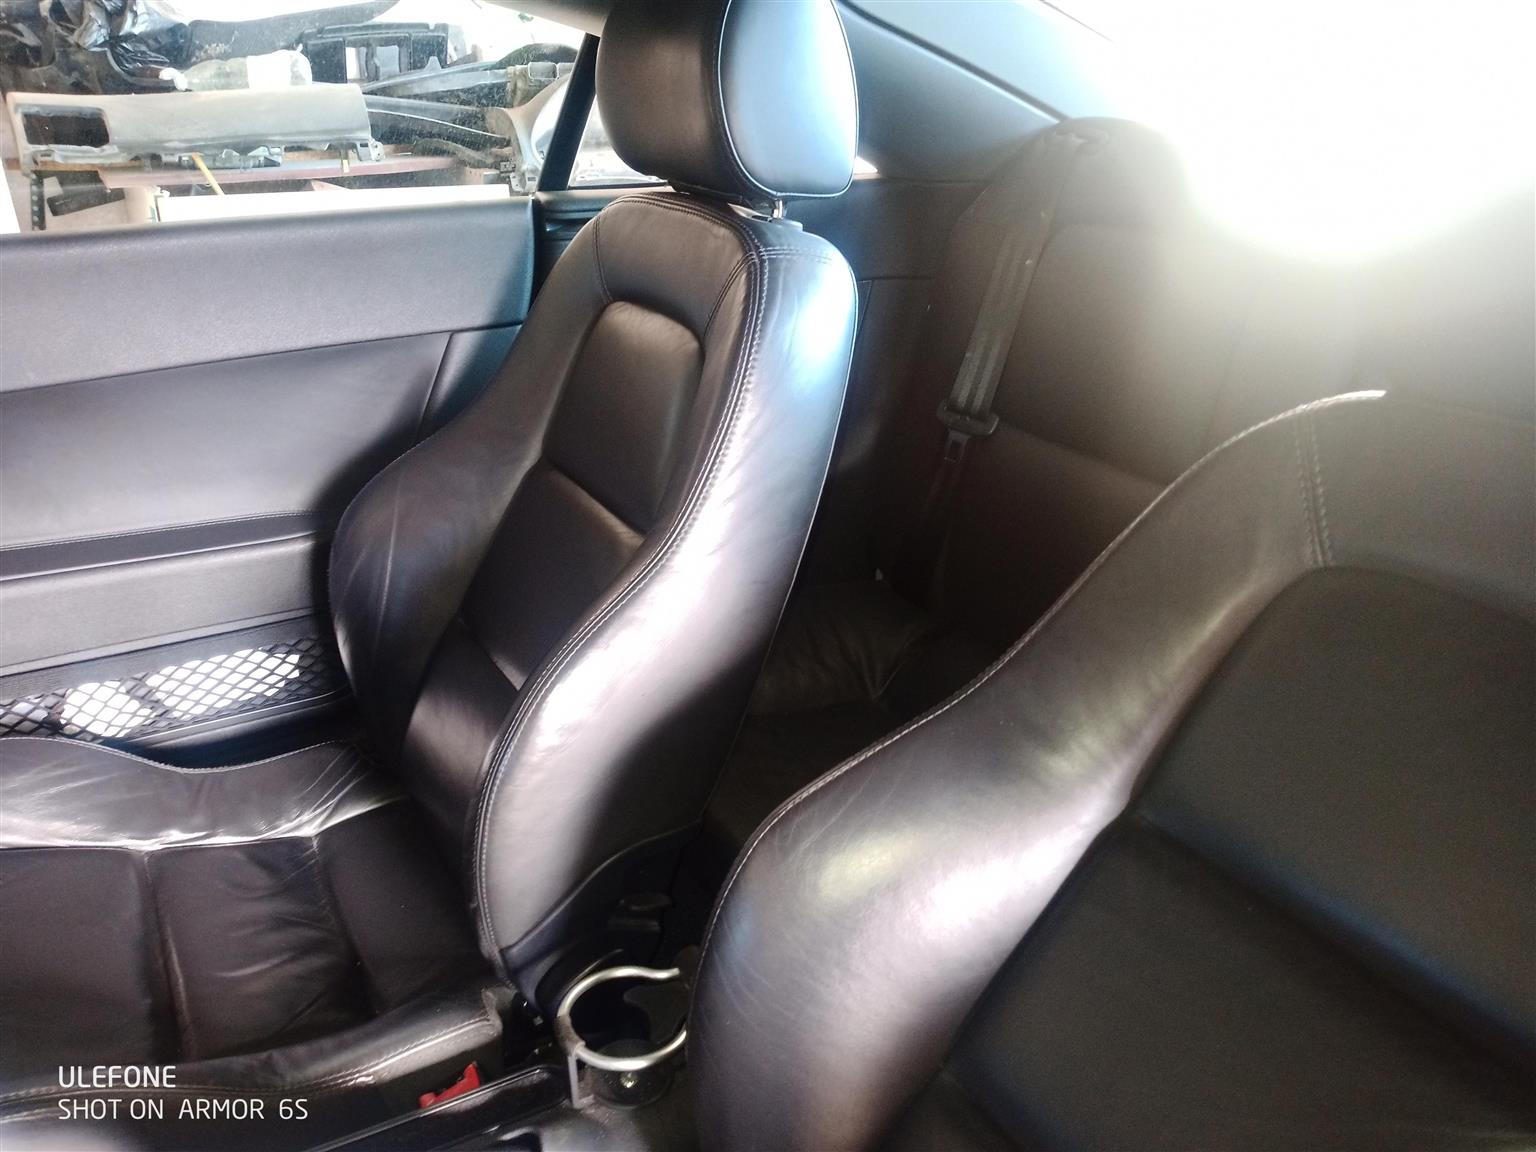 2004 Audi TT coupe TTS QUATTRO COUPE S TRONIC (228KW)